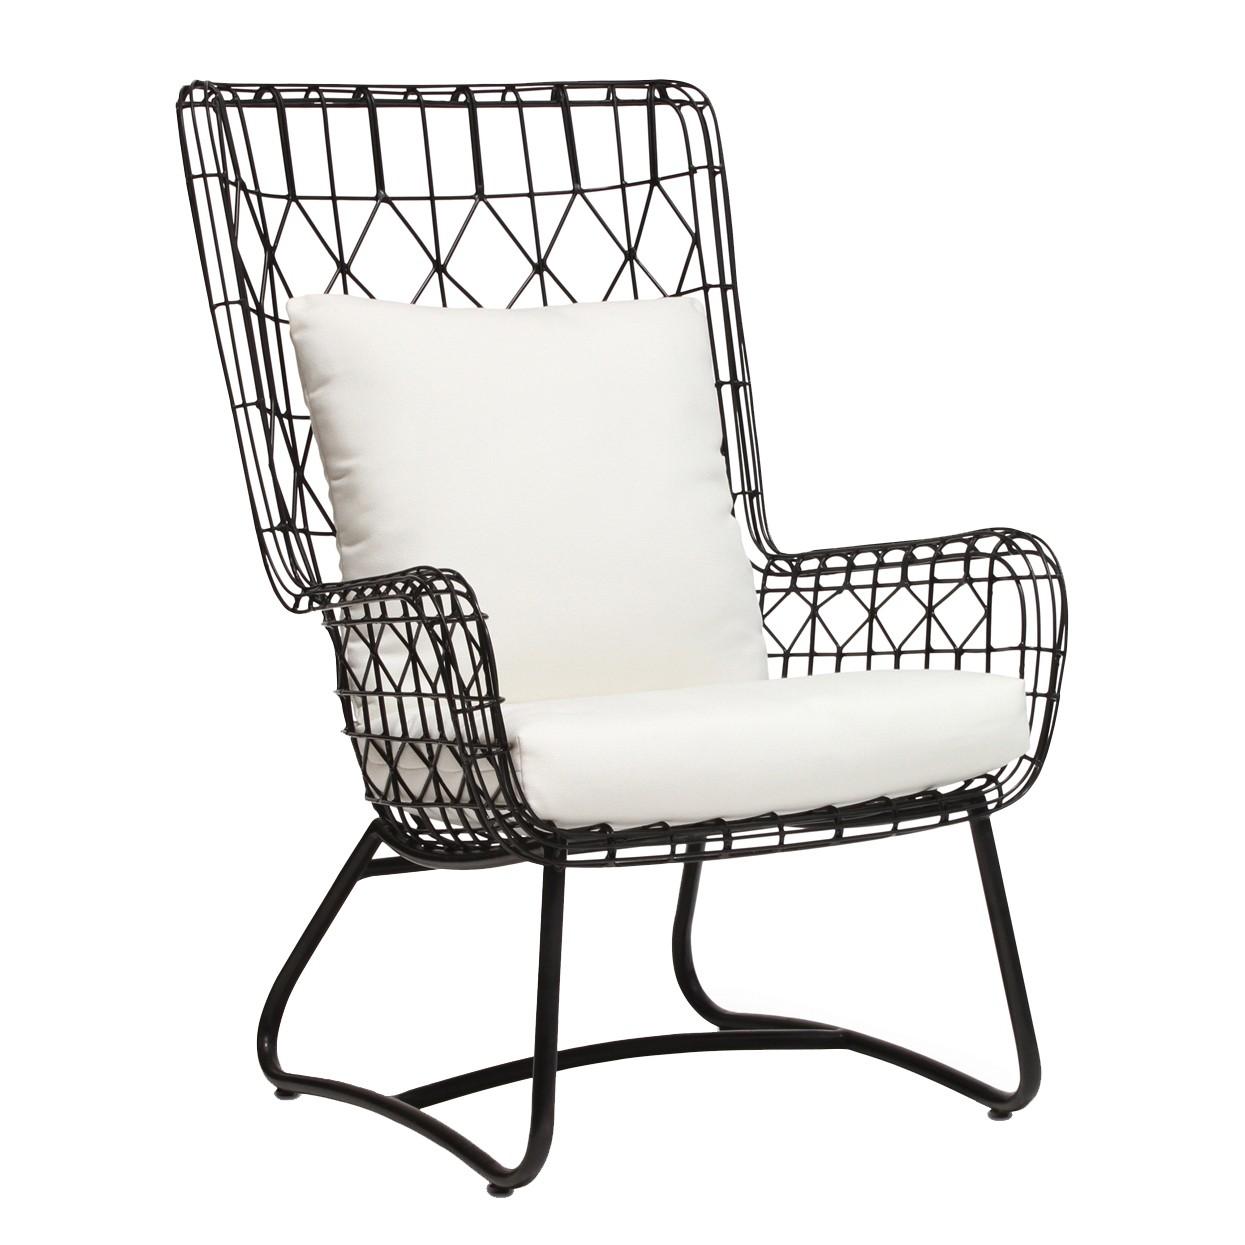 Palecek Capri Outdoor Wing Chair | Tuvalu | Boutique furniture in Laguna  Beach, CA | Design Kollective - Palecek Capri Outdoor Wing Chair Tuvalu Boutique Furniture In